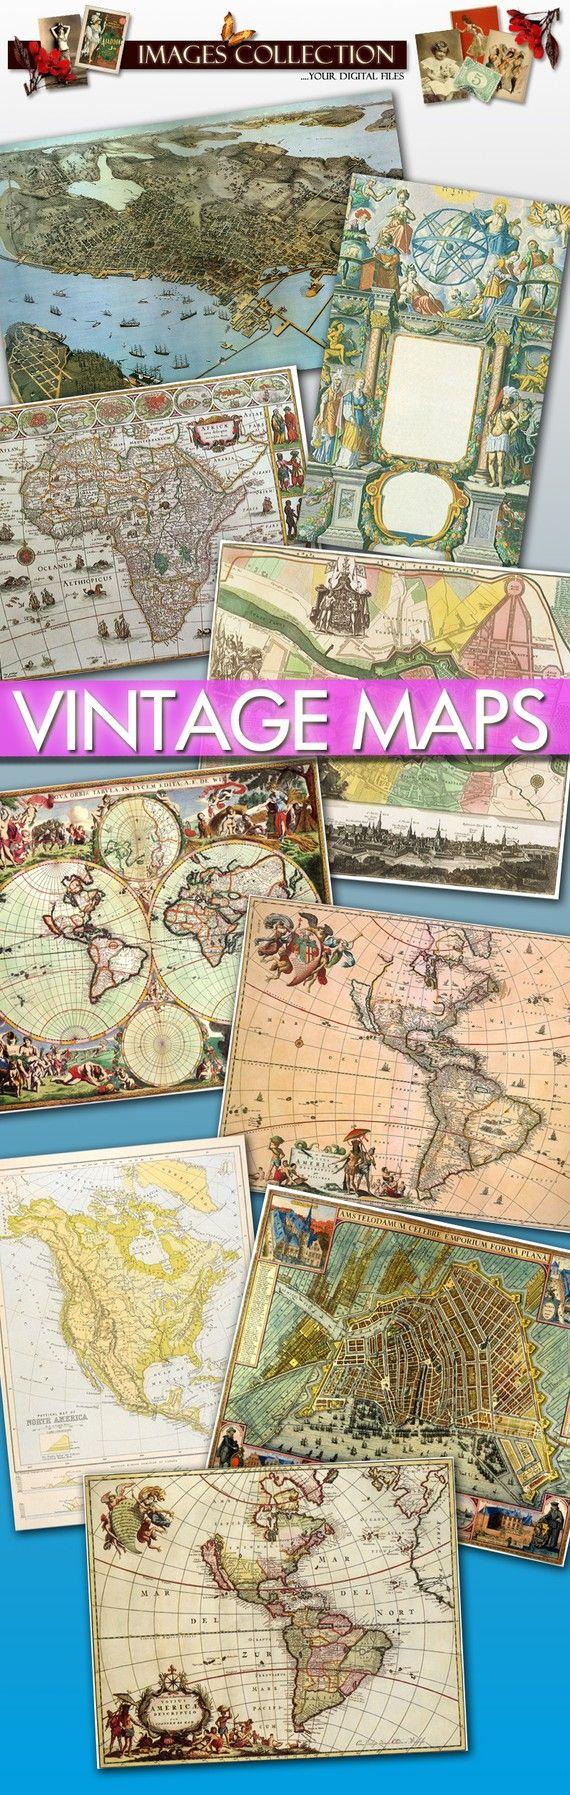 #papercraft #download #antique #vintage #maps